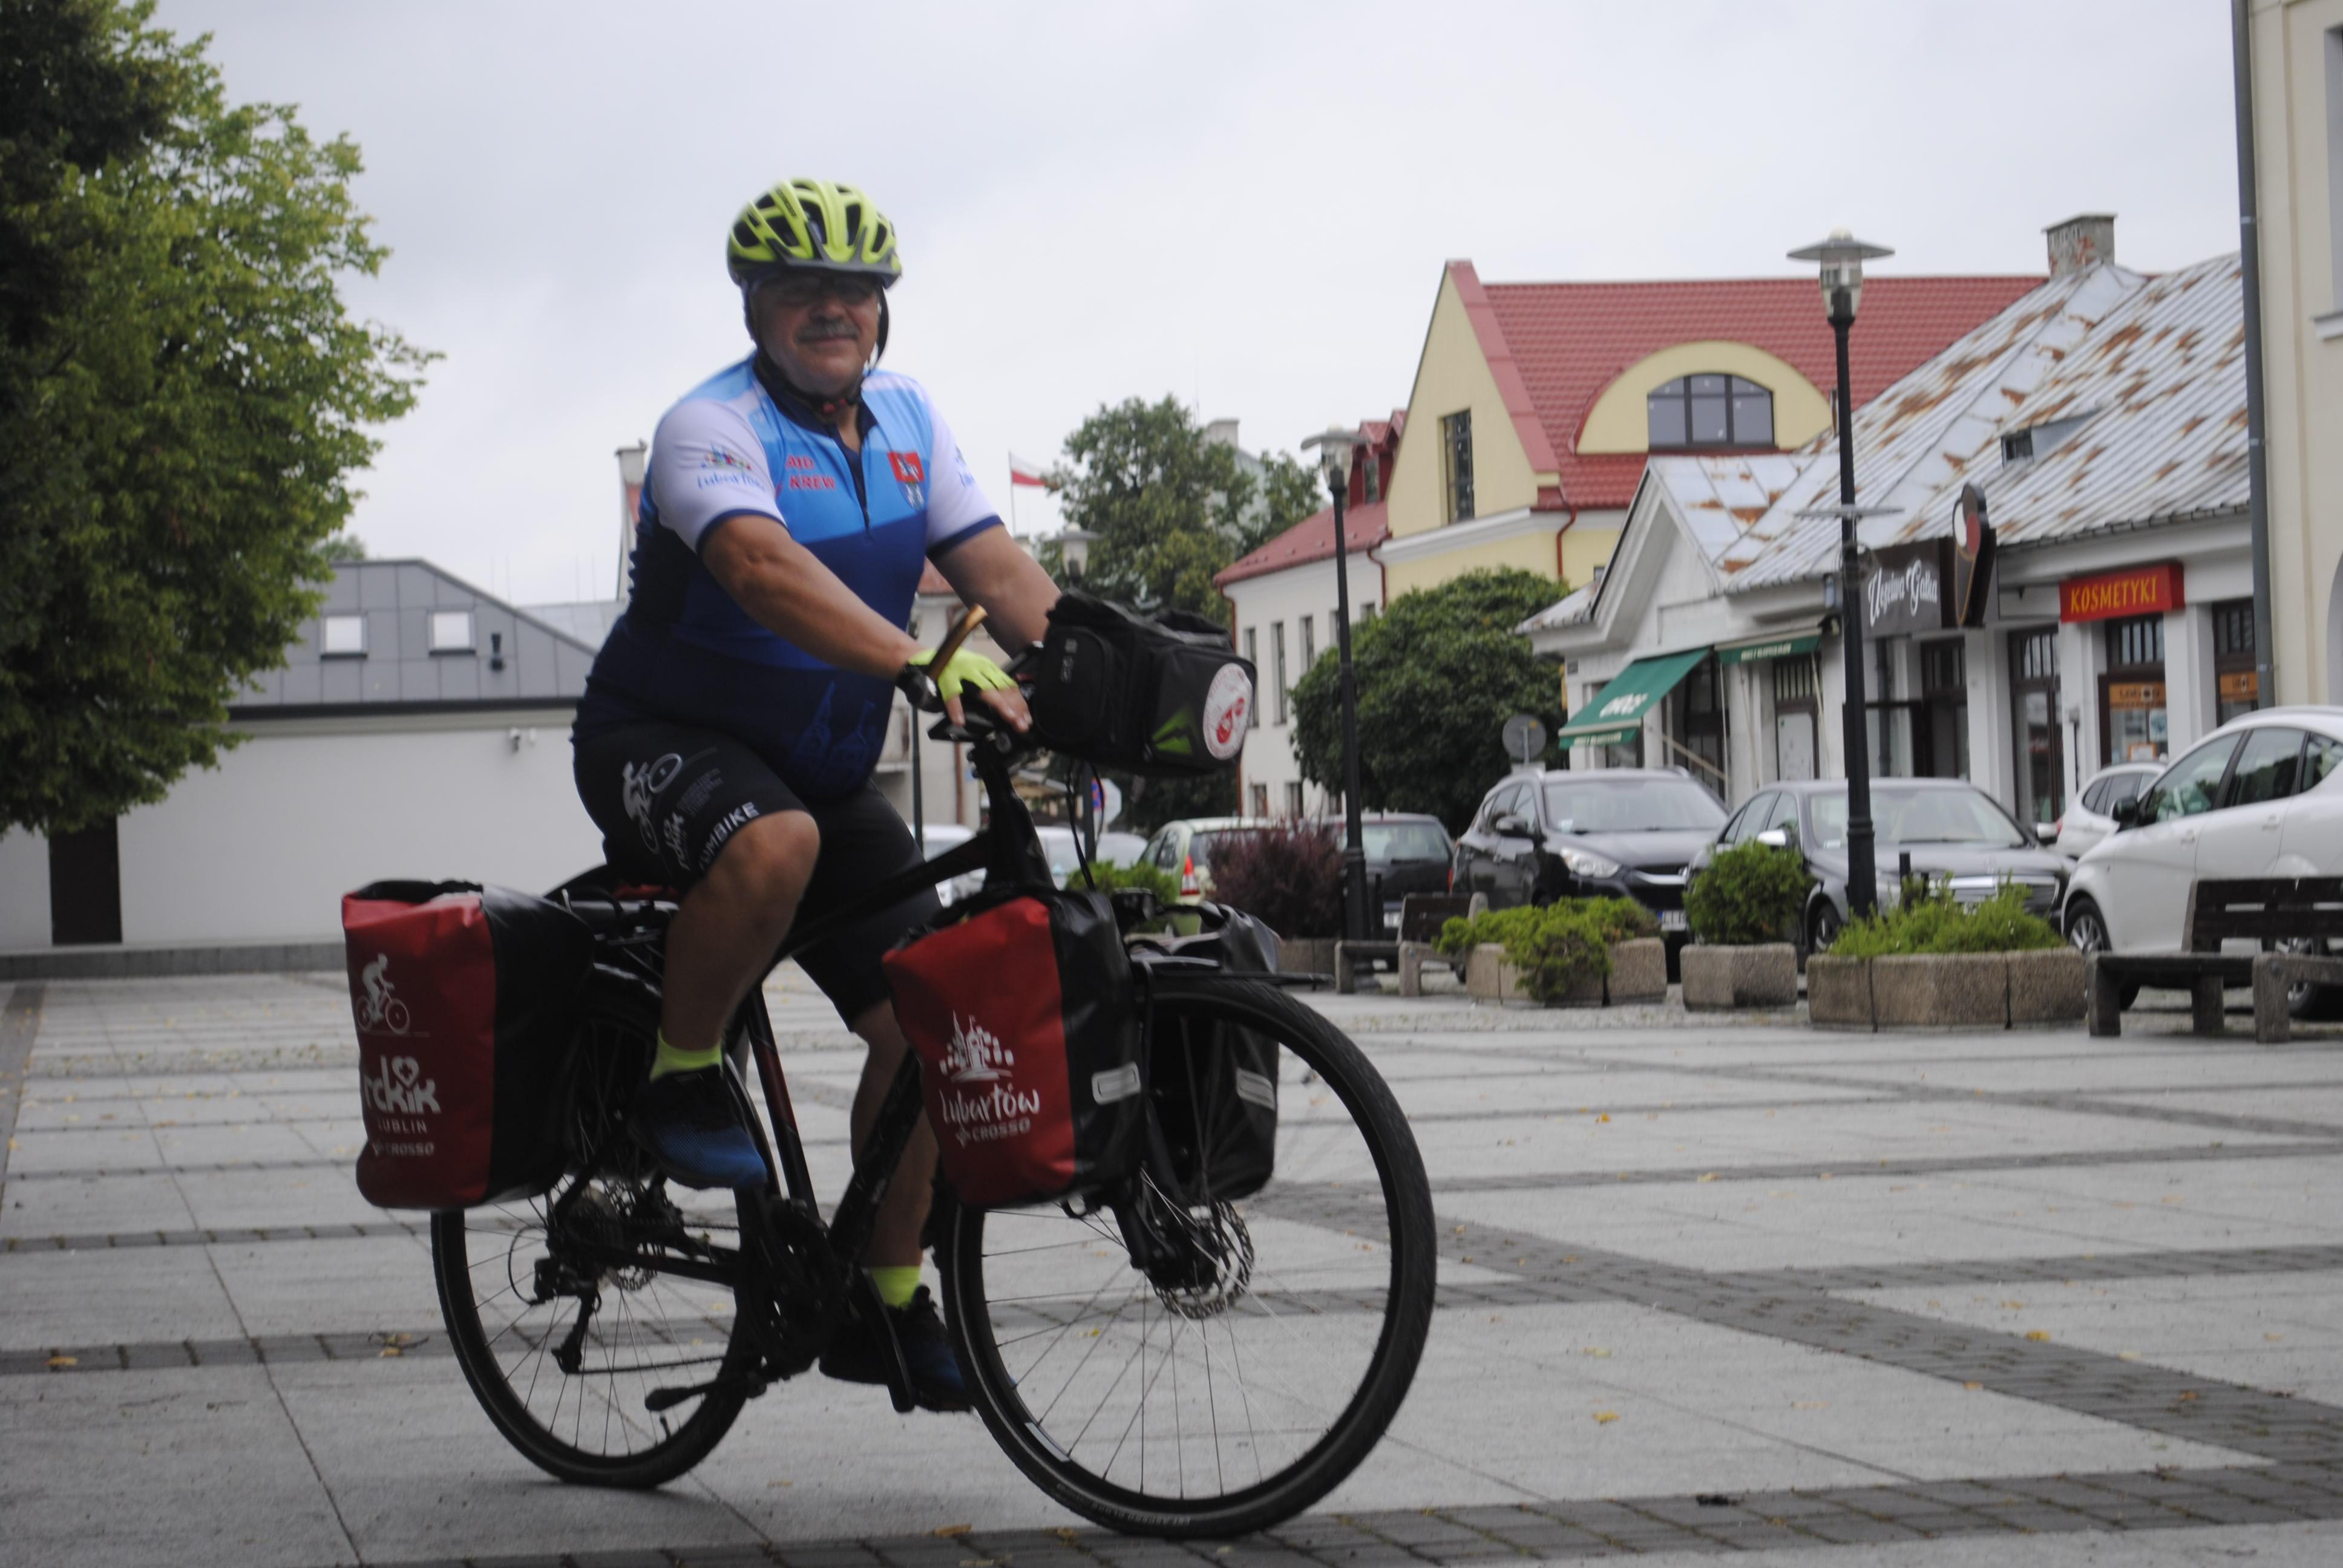 Janusz Kobyłka z Lubartowa wyruszył na rowerowy szlak. Będzie promował honorowe krwiodawstwo - Zdjęcie główne